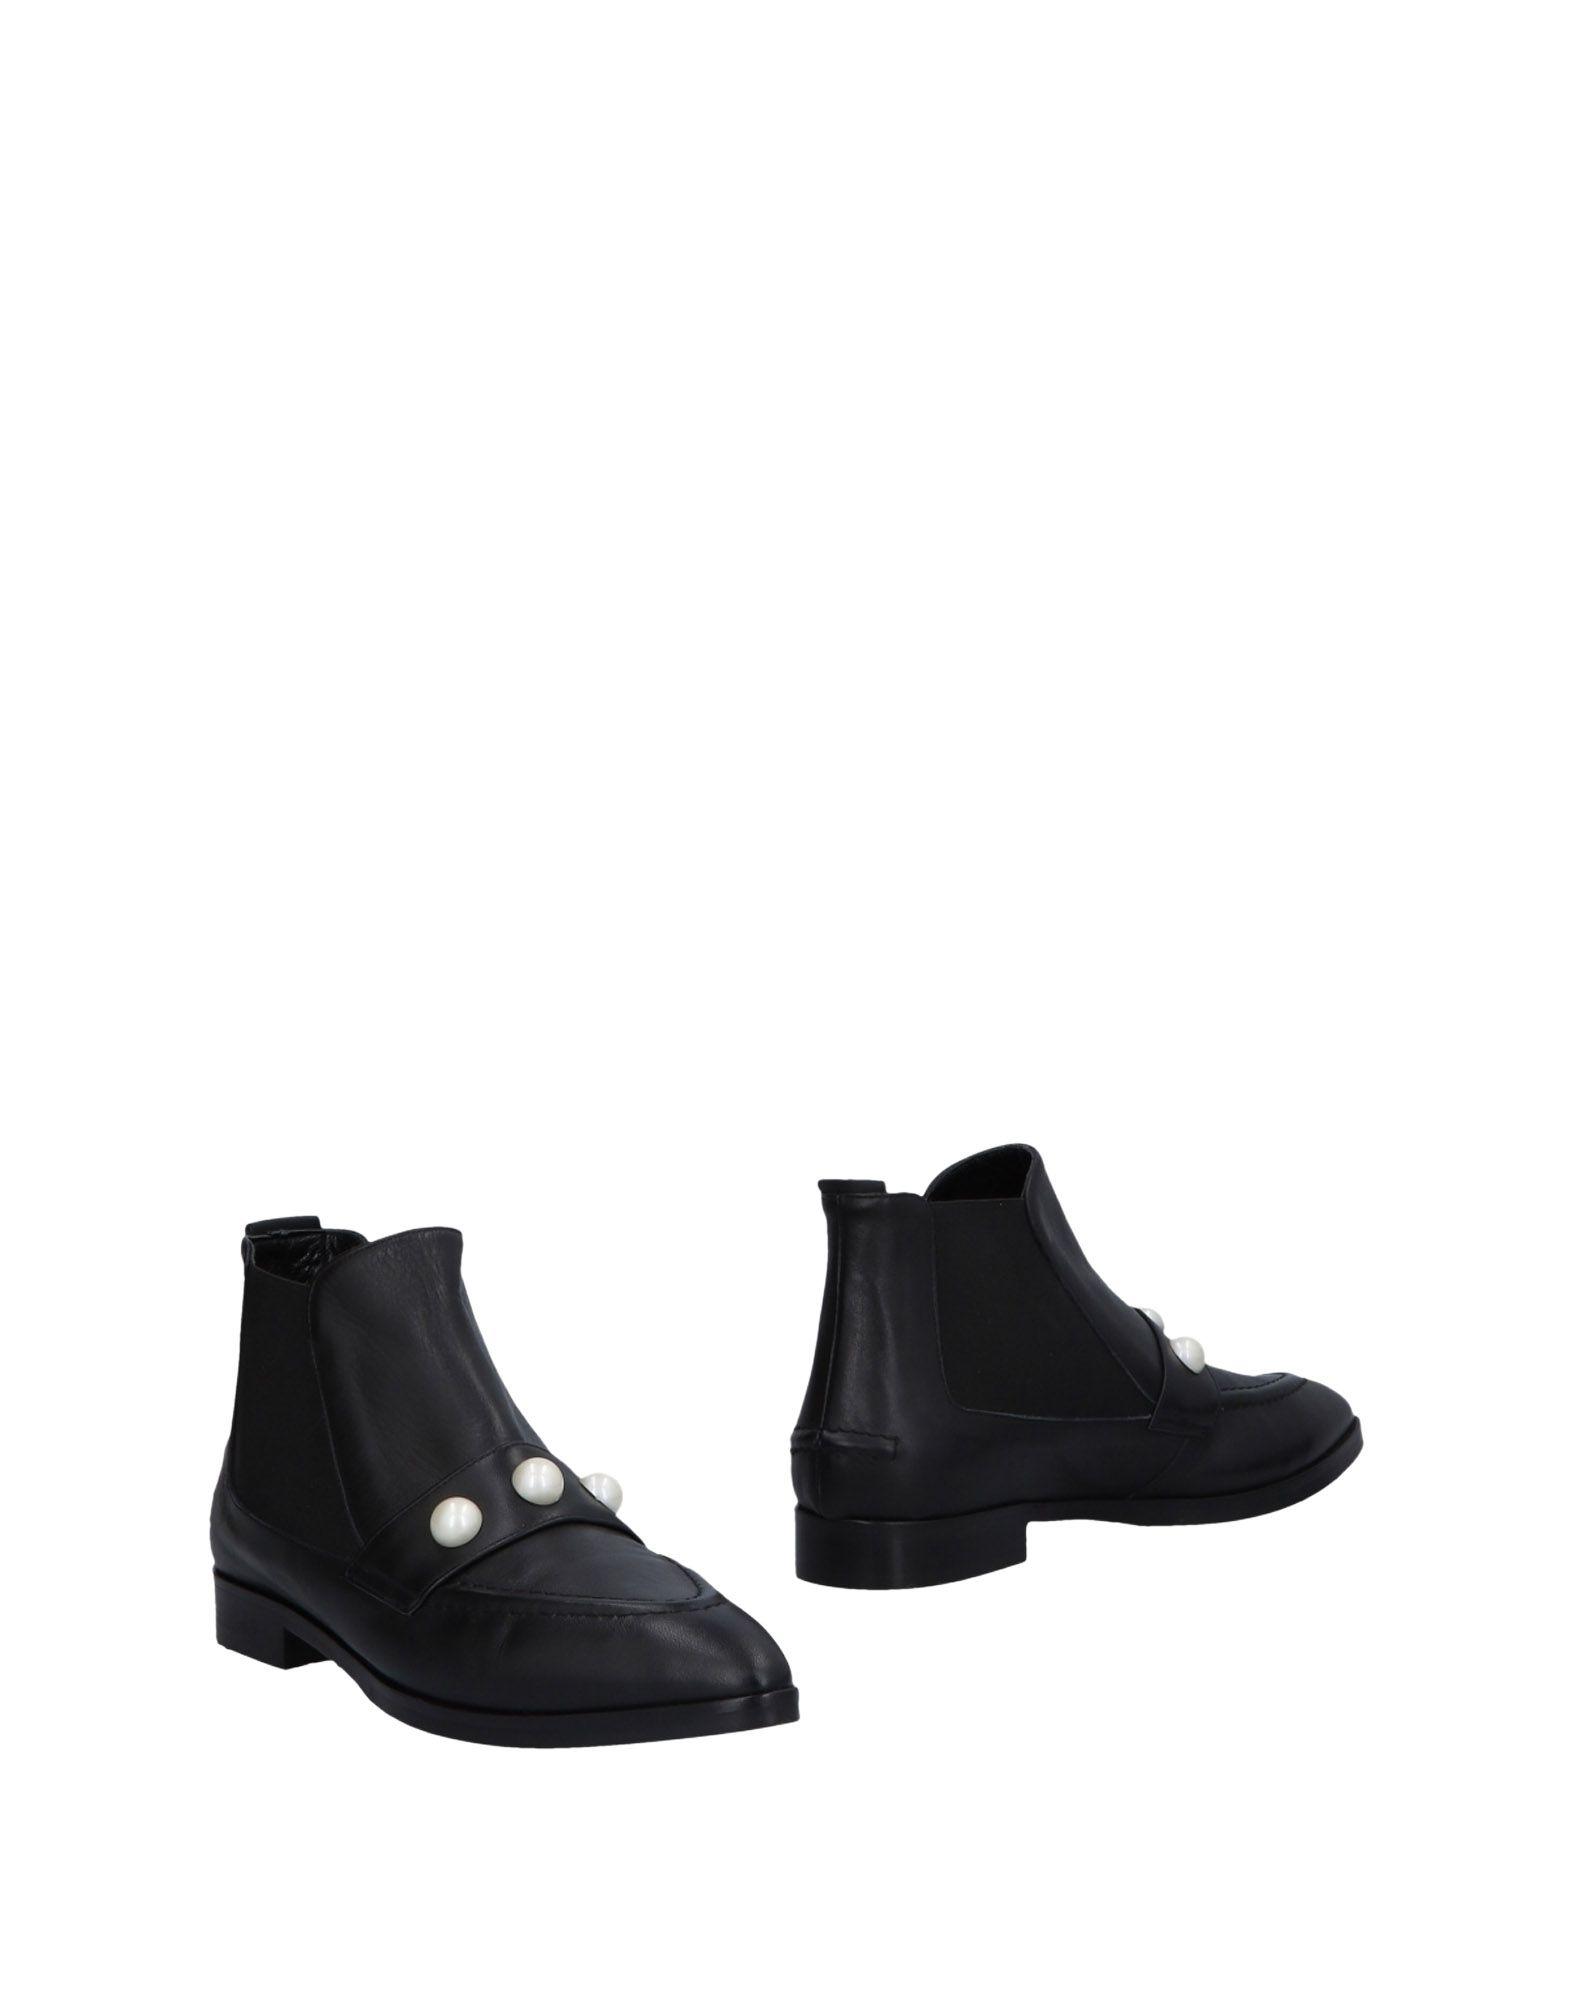 Sneakers Cafènoir Uomo - 11381276LN Scarpe economiche e buone